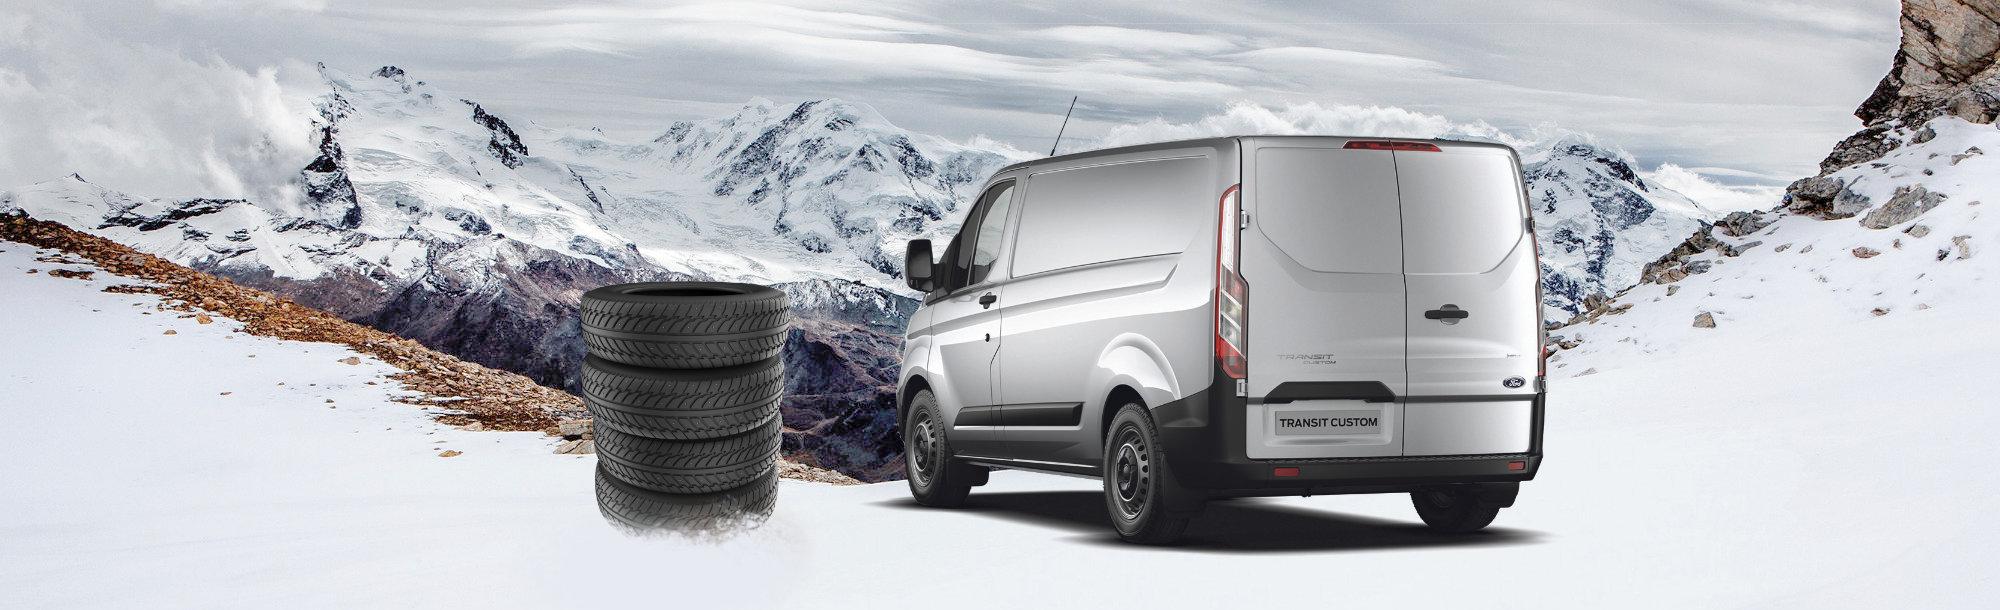 Vinterdæk til din varebil - Ford værksted i Hillerød